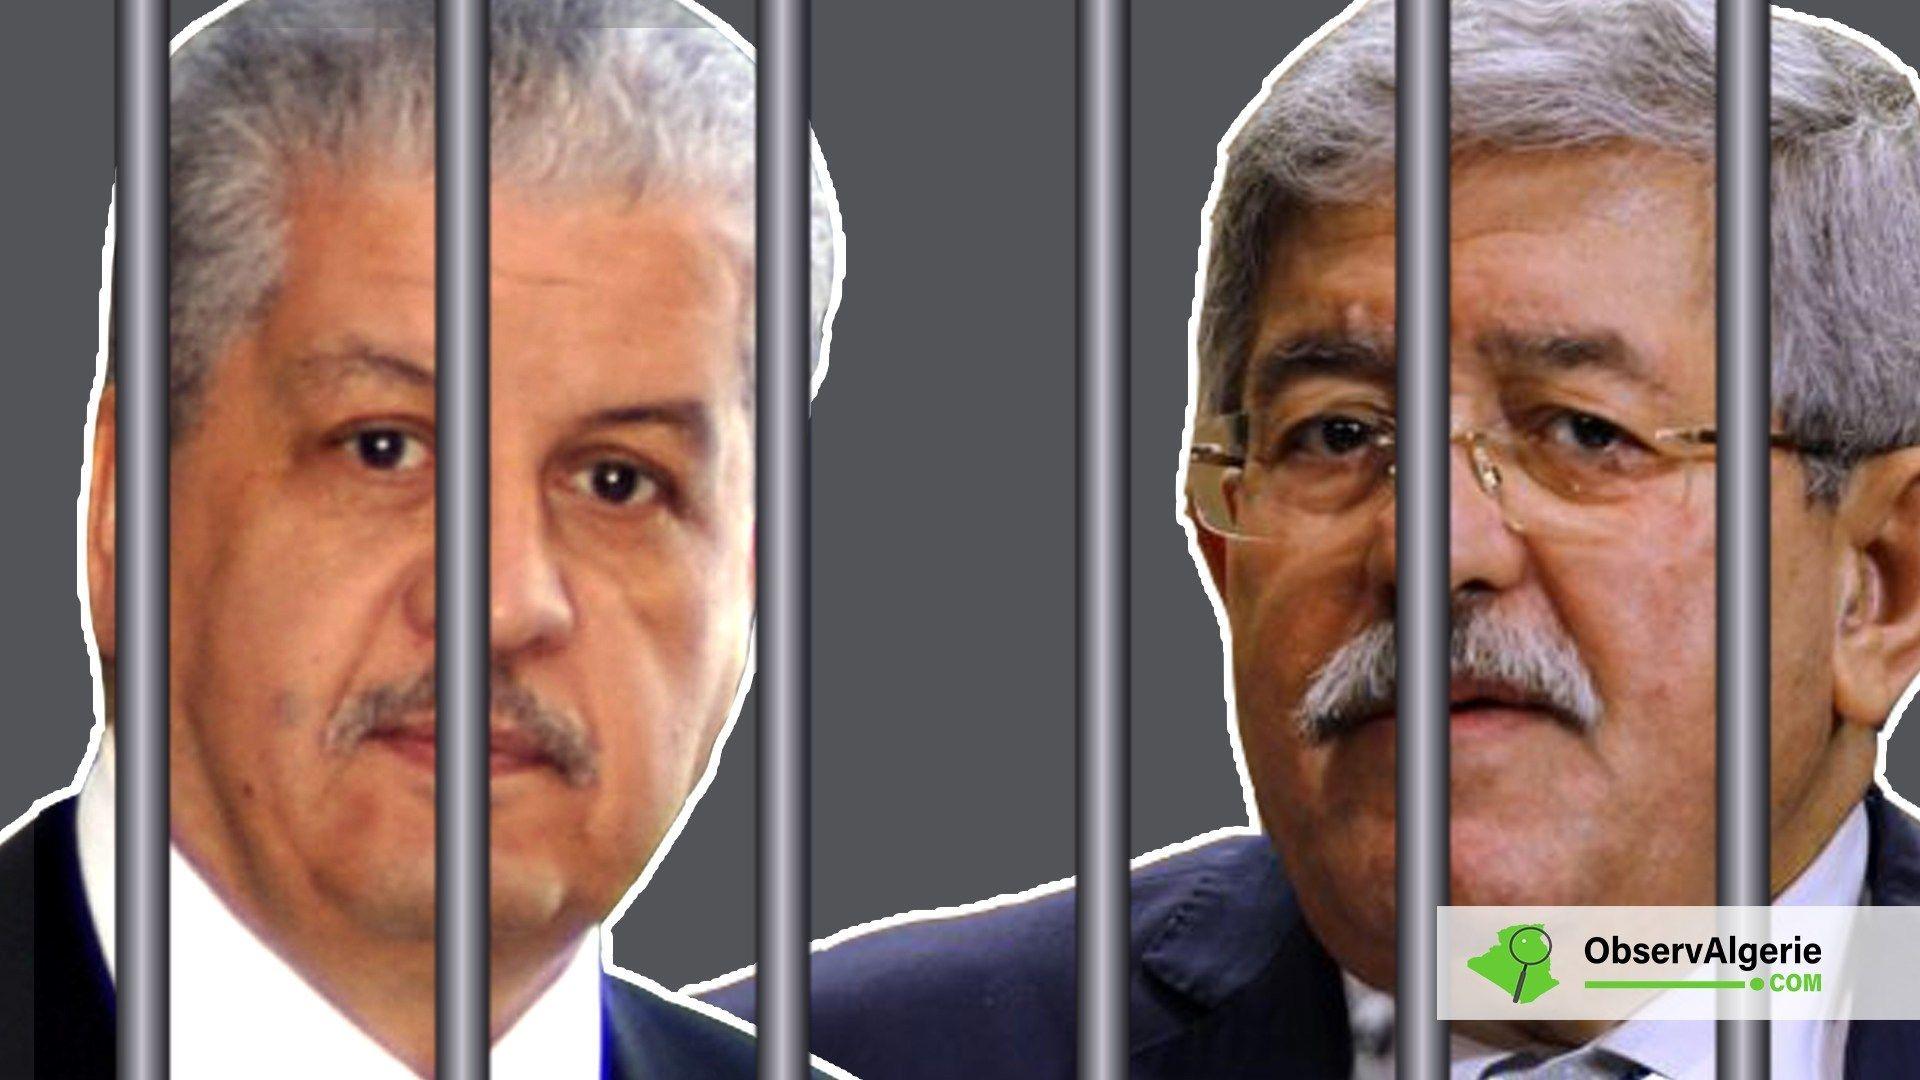 Algerie Voici Le Quotidien De Ouyahia Rebrab Et Les Autres Vip A La Prison D El Harrach Alger Prison Mon Quotidien